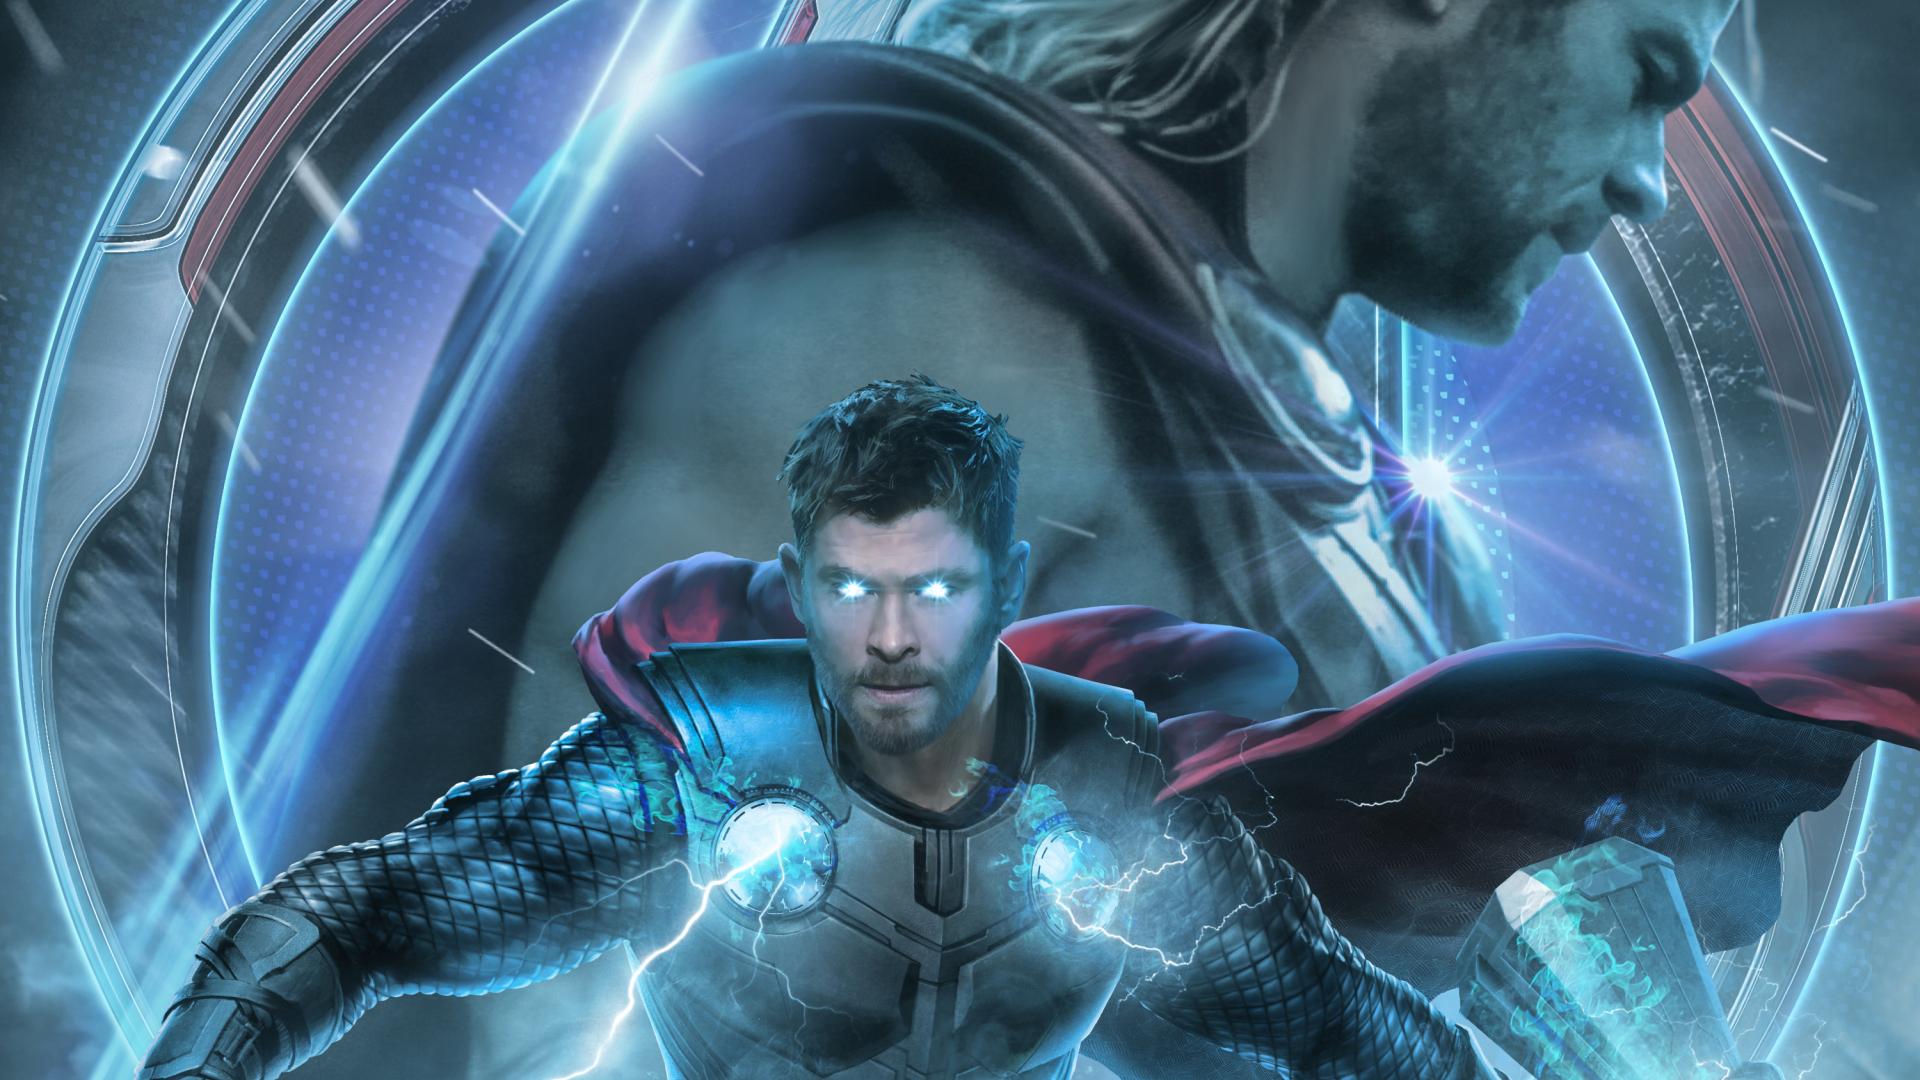 1920x1080 Avengers Endgame Thor Poster Artwork 1080P ...